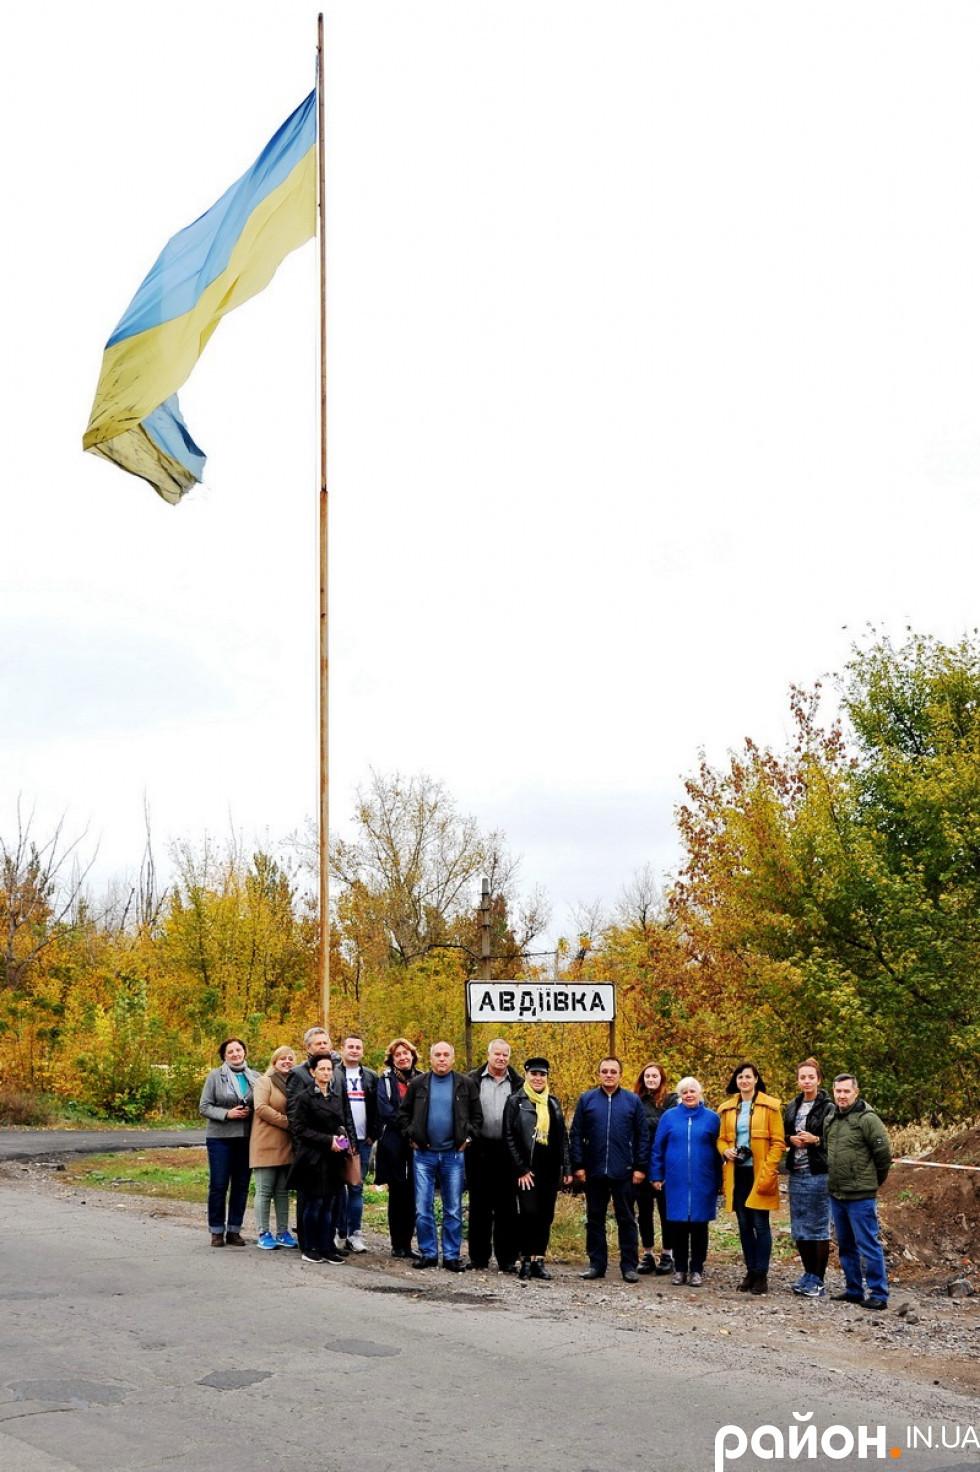 При в'їзді у прифронтову Авдіївку увагу привертає засмальцьований жовто-блакитний прапор.